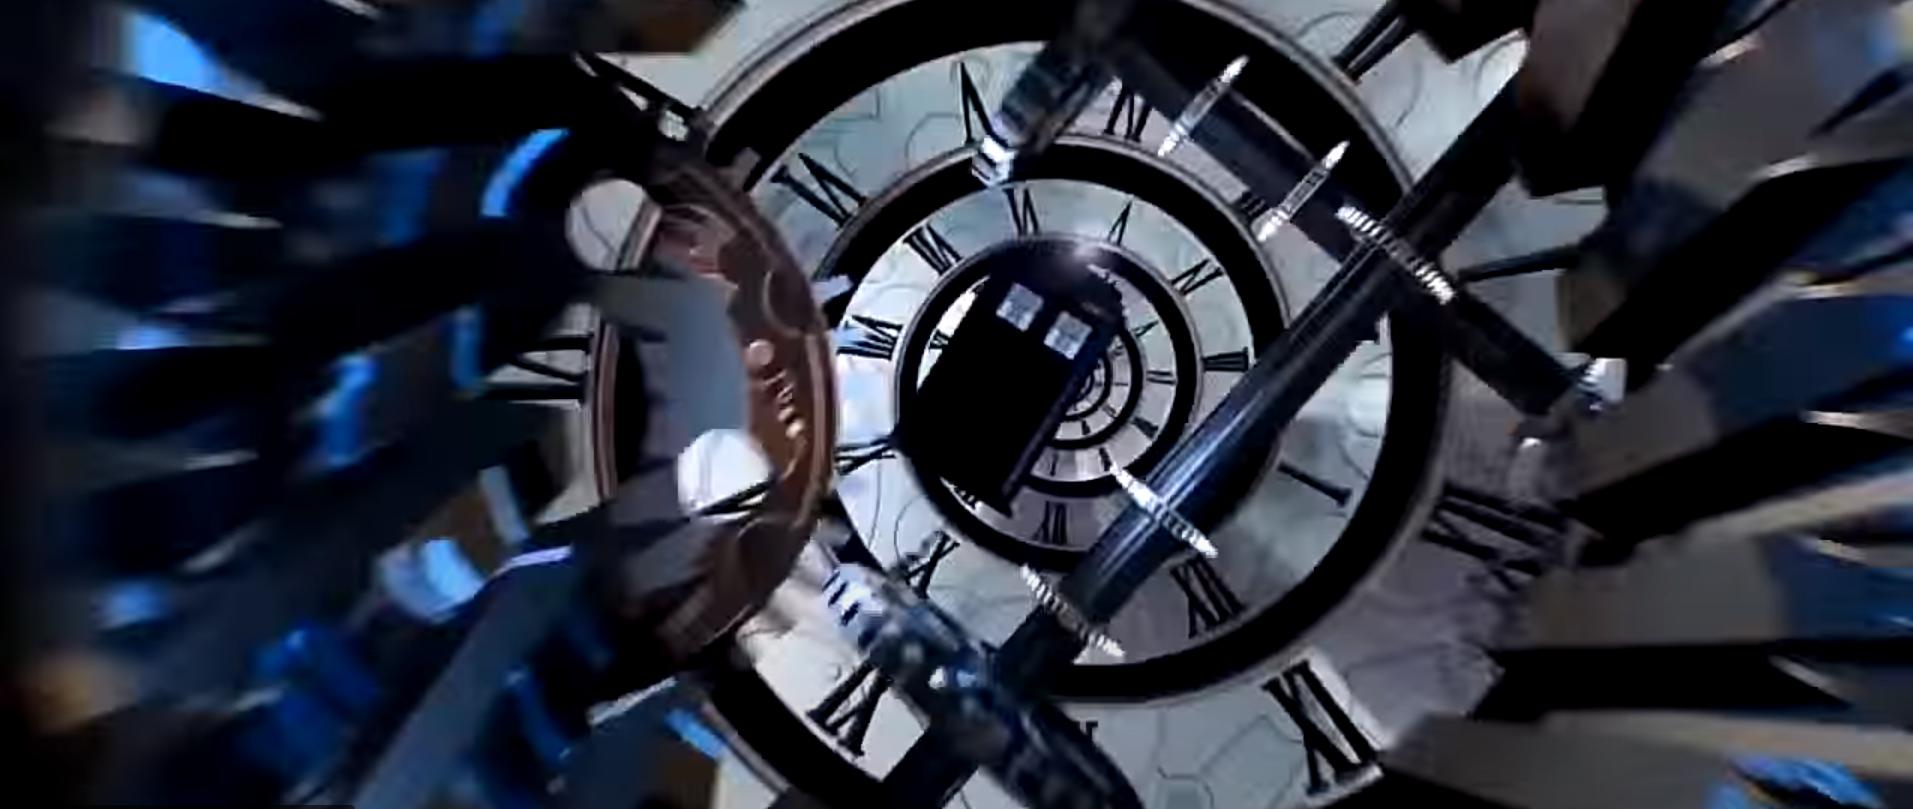 Заставка Доктор Кто с ТАРДИС и часами